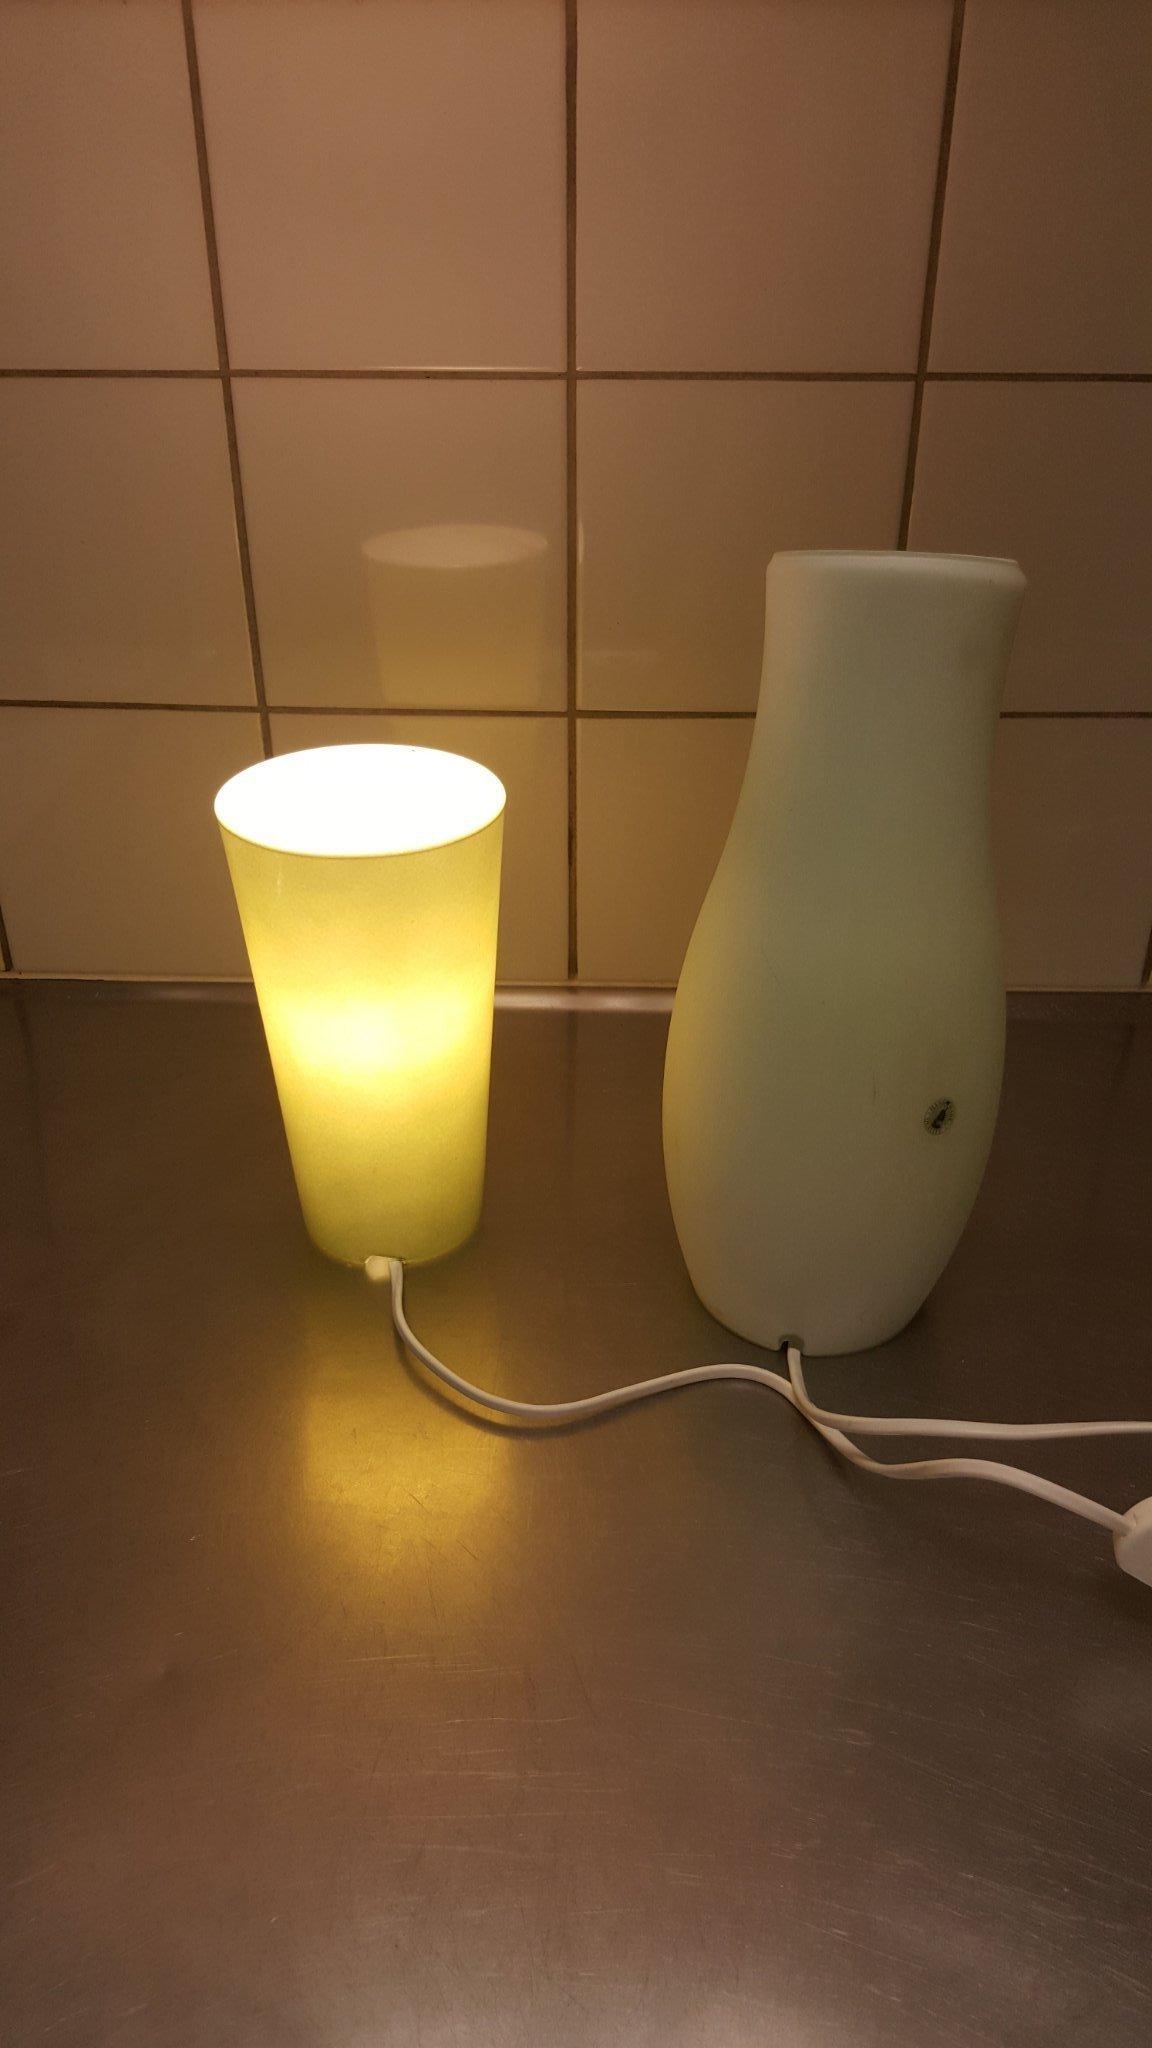 Retro 2 st IKEA glas bordssäng fönster lampor